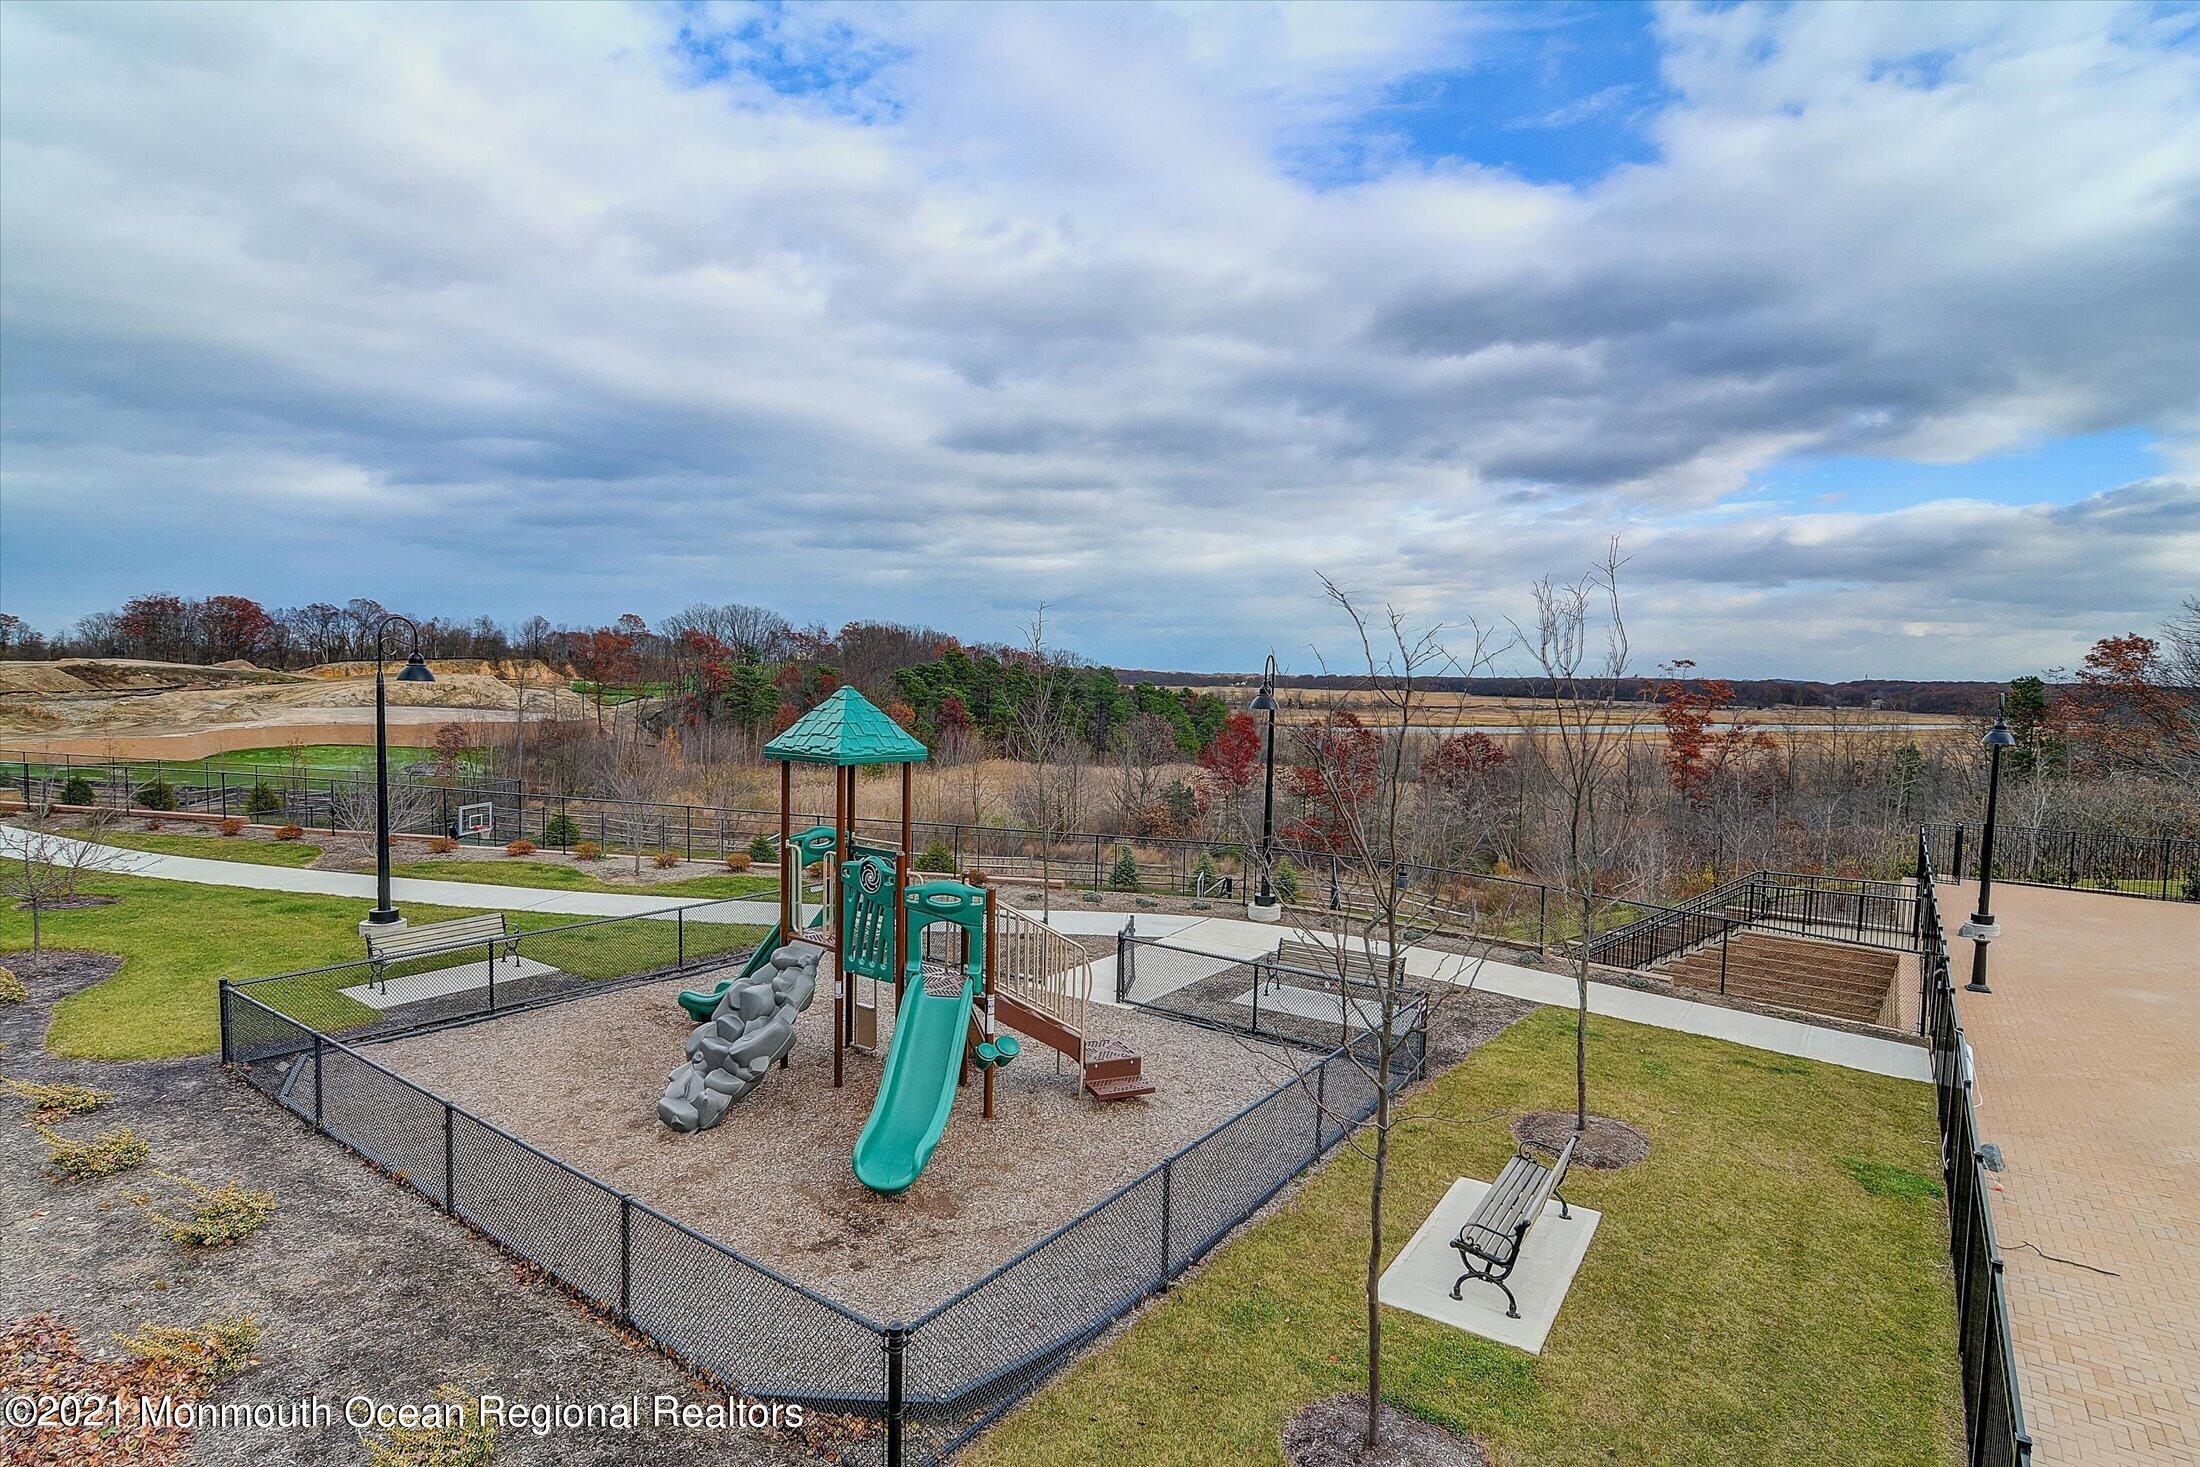 50-Playground